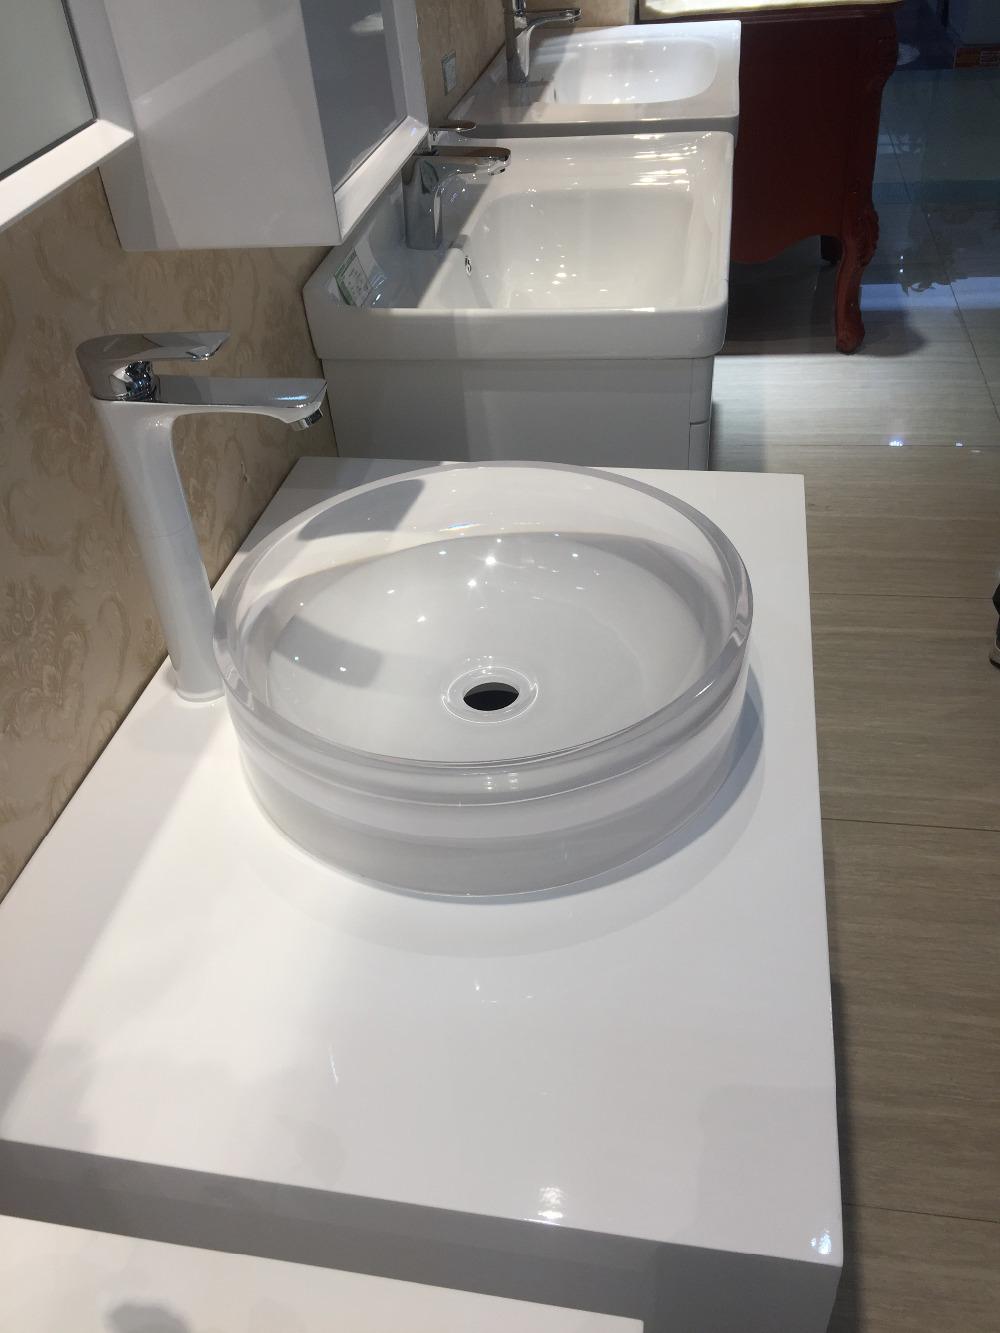 US $299.0  Bagno rotonda In Resina Top Contatore Lavello del vaso  Guardaroba Vanità Sopra Il Contro colorato washbasinRS38245 430-in Lavabi  per bagno ...